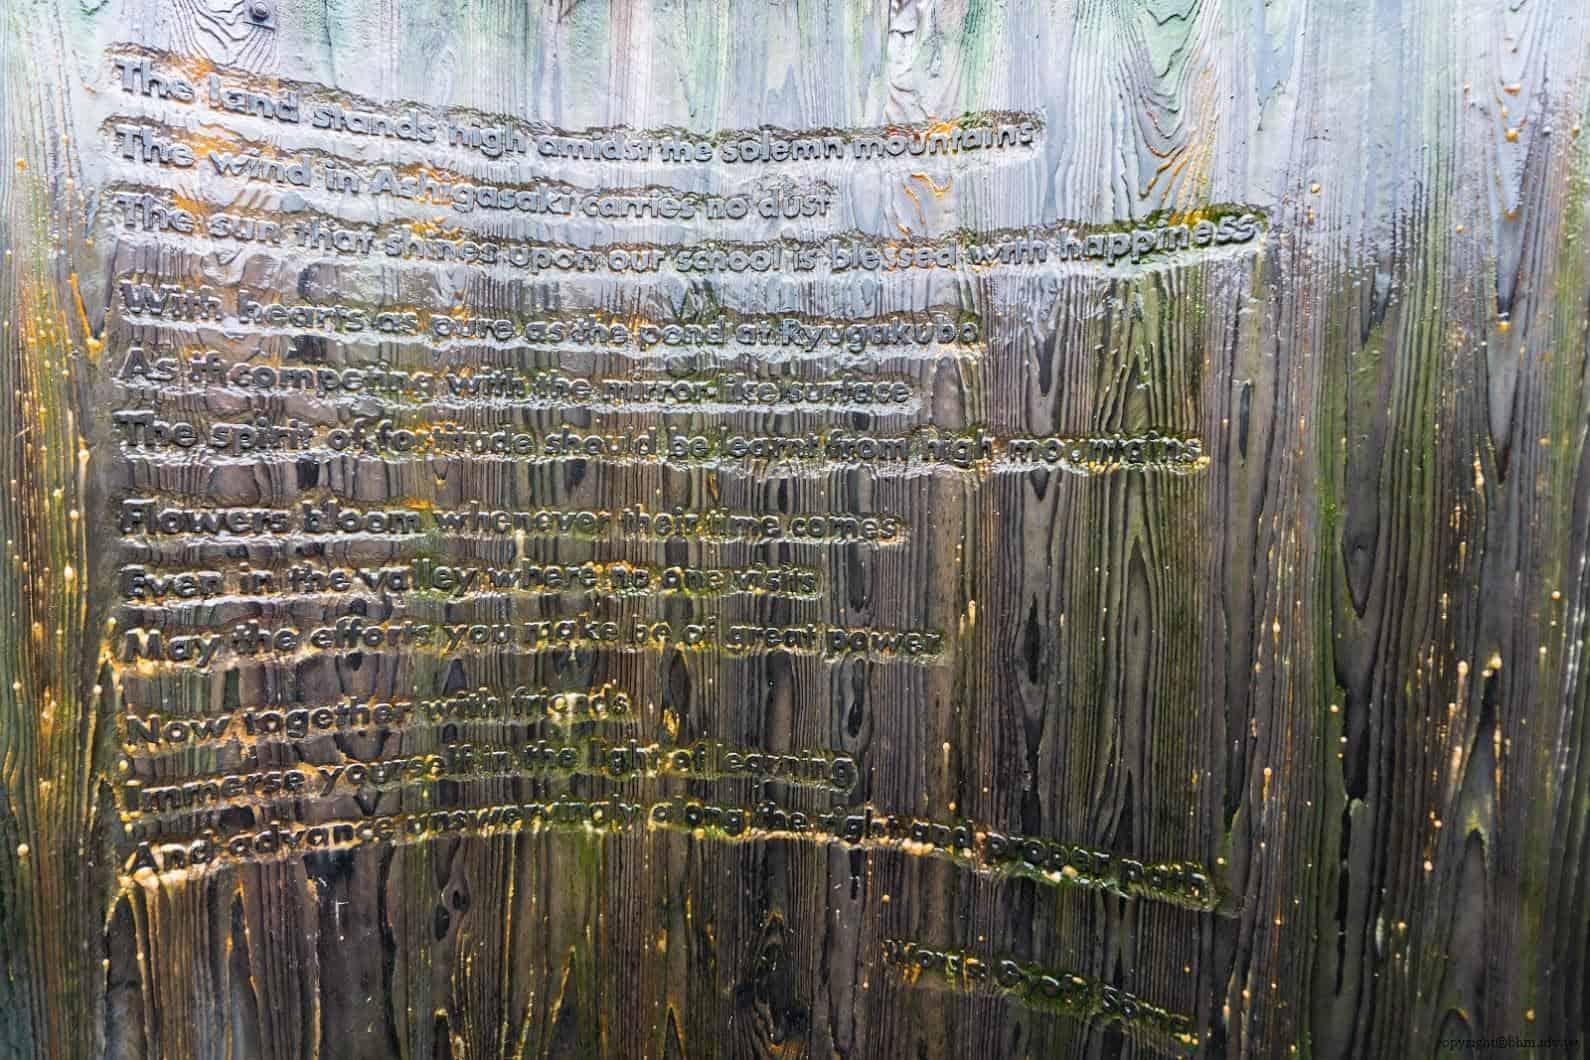 田口行弘,送水,遊客可進入其中後可看到側面有關水的語言與故事 越後妻有 送水 okurimizu 06